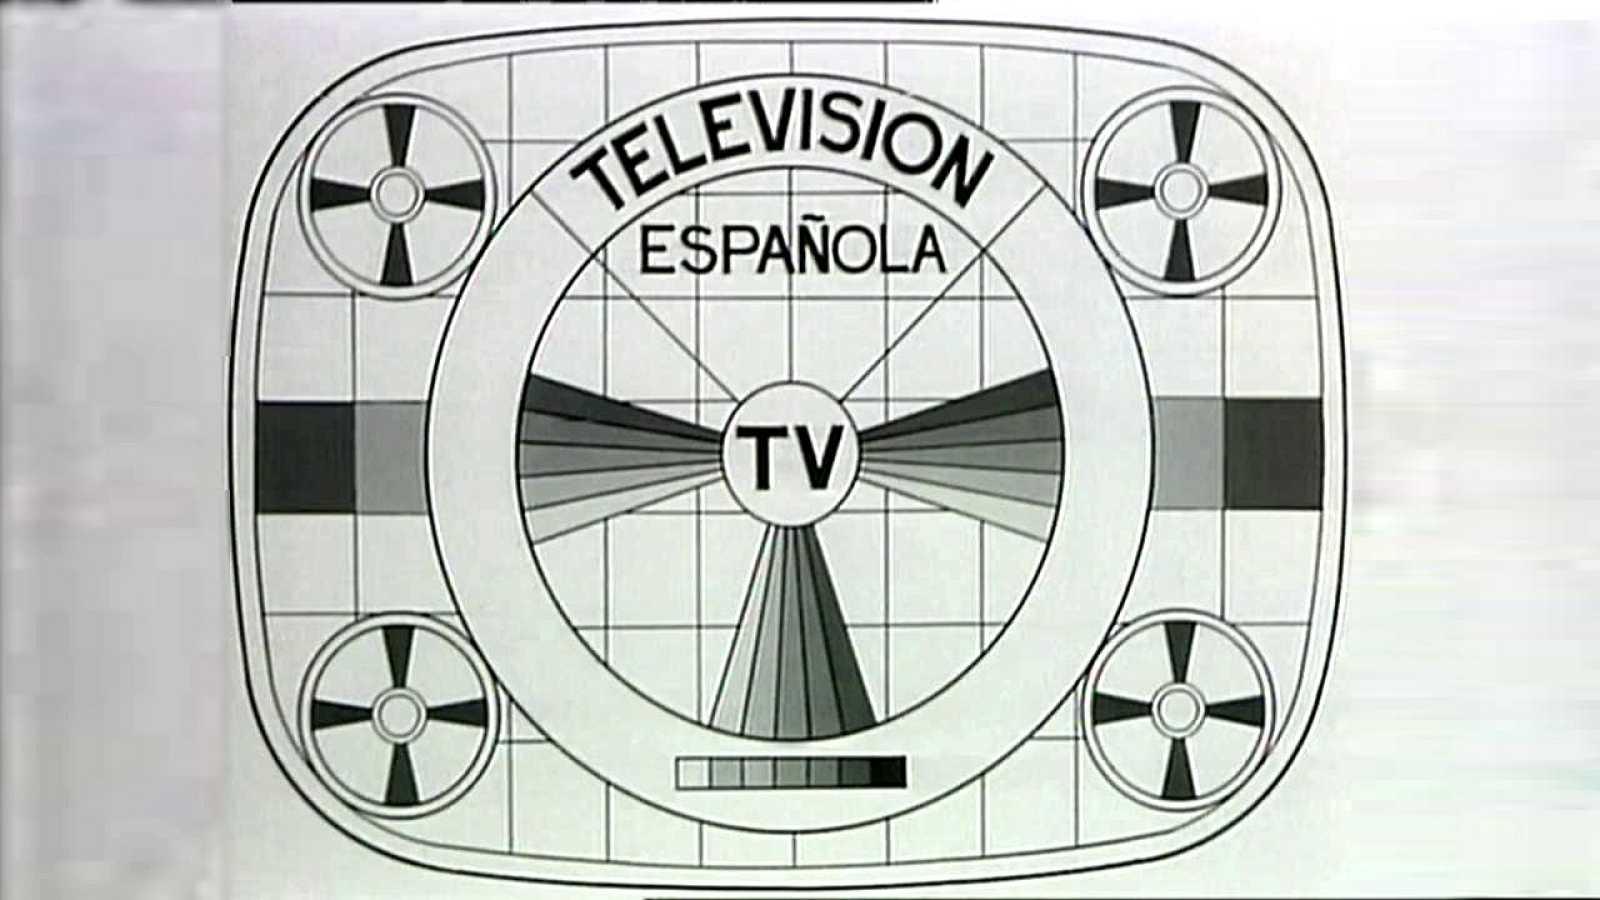 50 años de... - Eurovisión - ver ahora